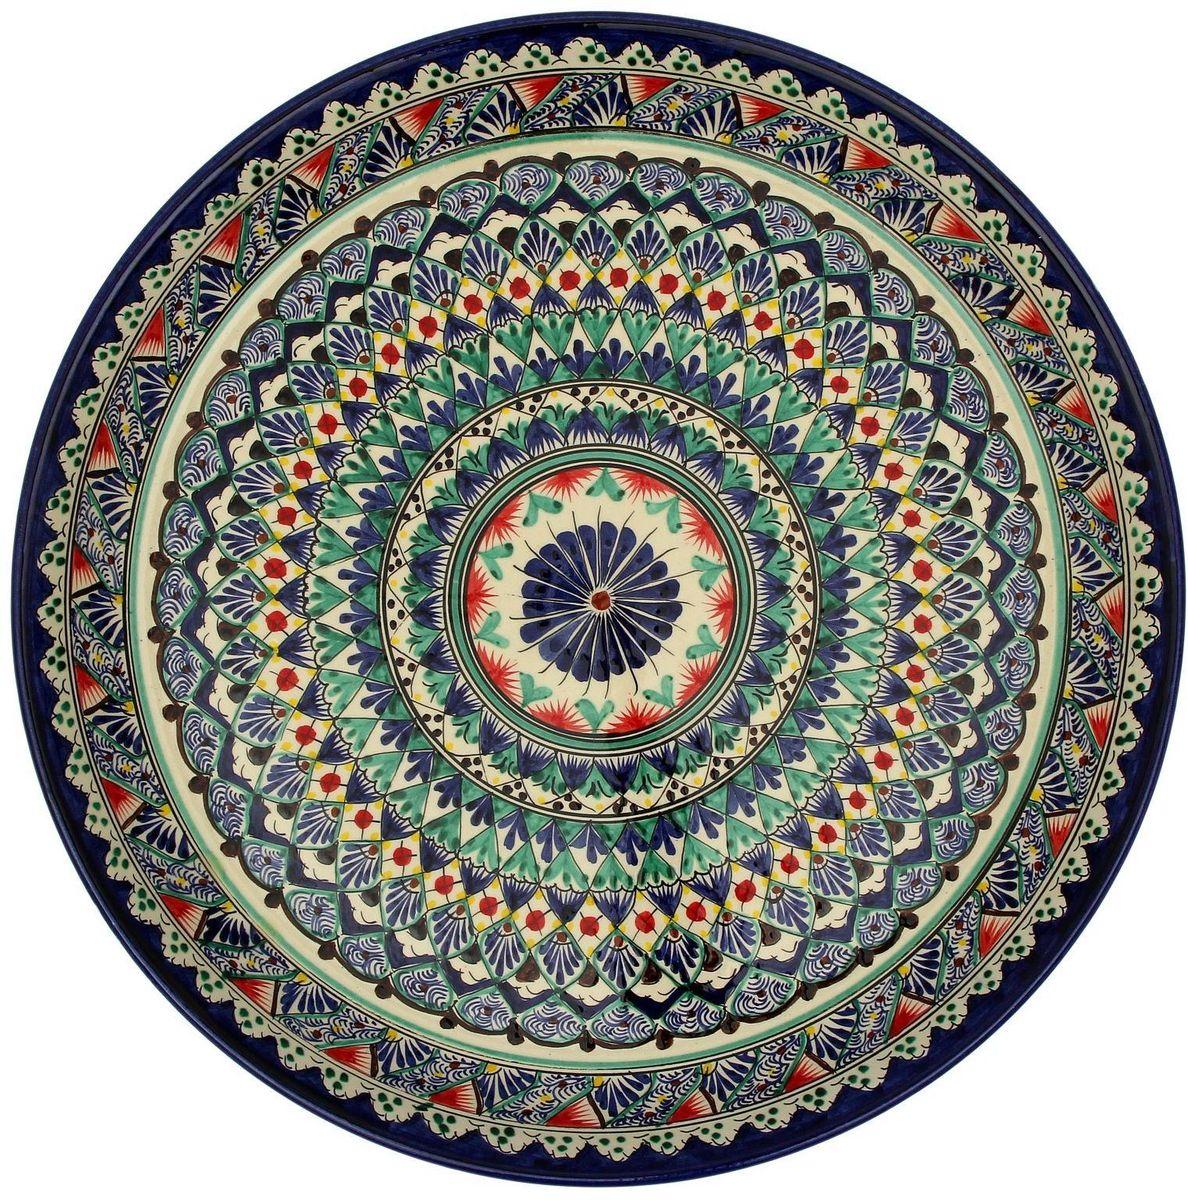 Ляган Риштанская керамика, диаметр, 45 см. 21530012153001Ляган — это не просто обеденный атрибут, это украшение стола. Посуда с национальной росписью станет отменным подарком для ценителей высокородной посуды.Риштан — город на востоке Узбекистана, один из древнейших в Ферганской долине. С давних времён Риштан славится своим гончарным искусством изготовления цветной керамики. Красноватую глину для изделия добывают в самом городе. Мастера утверждают, что их глина настолько высокого качества, что даже не нуждается в предварительной обработке. Дополните коллекцию кухонных аксессуаров пряными восточными нотами.